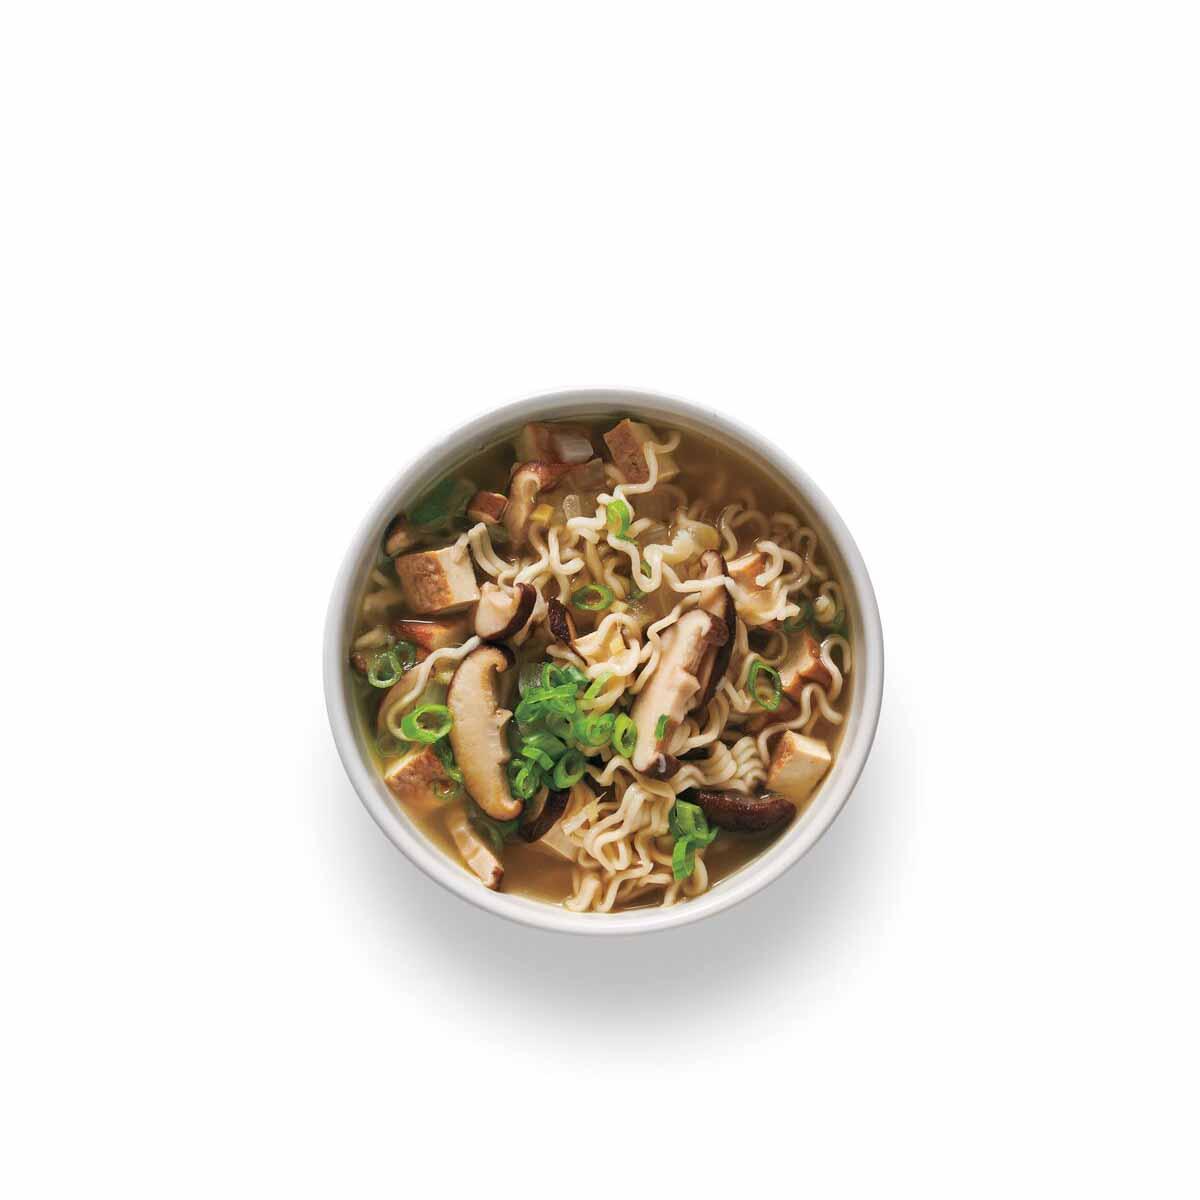 Photo of Ramen Soup with Tofu by WW